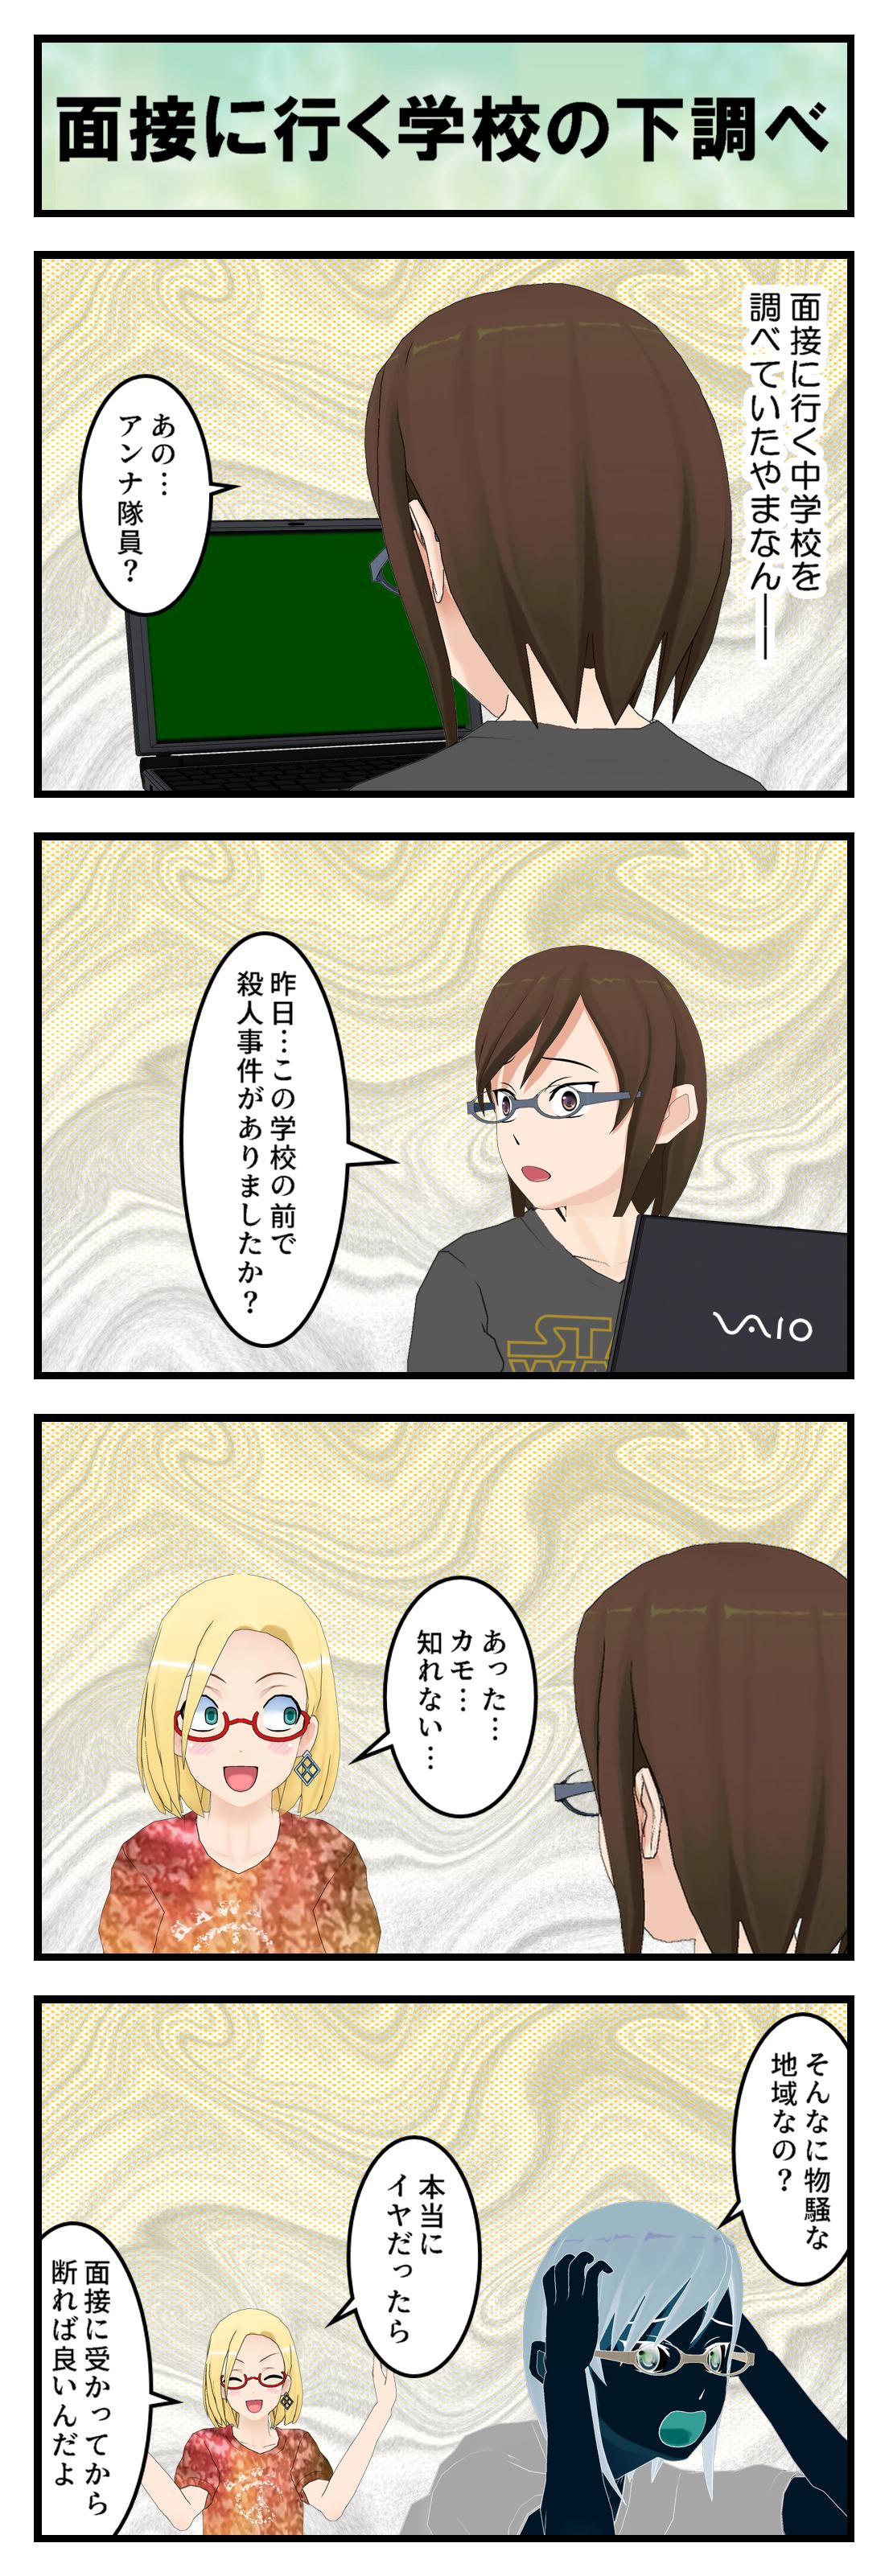 R490_D中学3_001